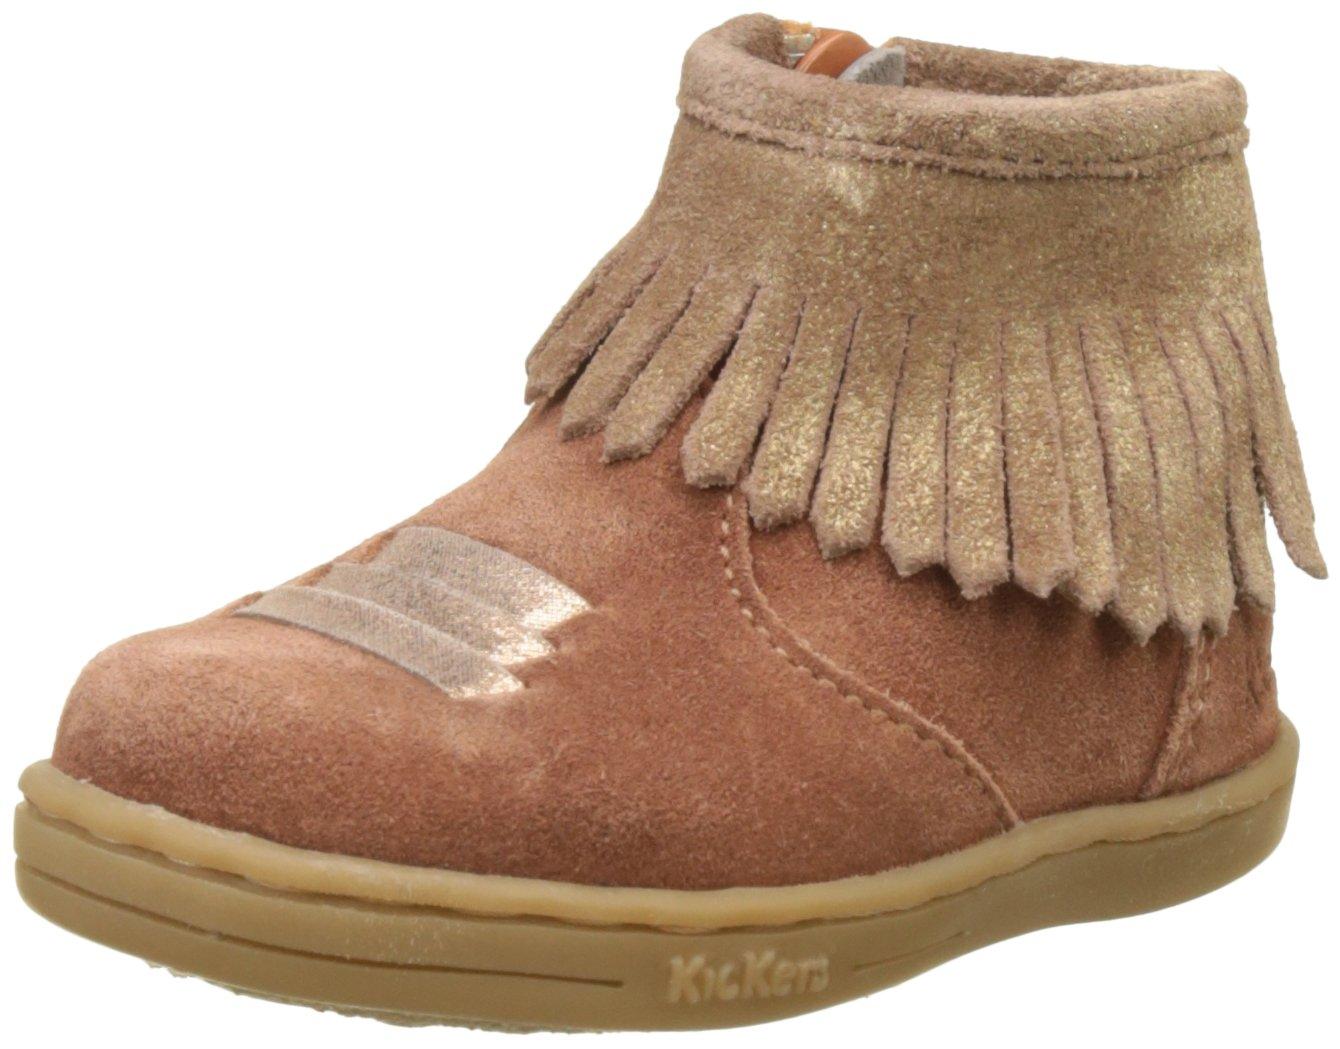 0bcd9e8faf001 Chaussures bébé   Achat en ligne de vêtements